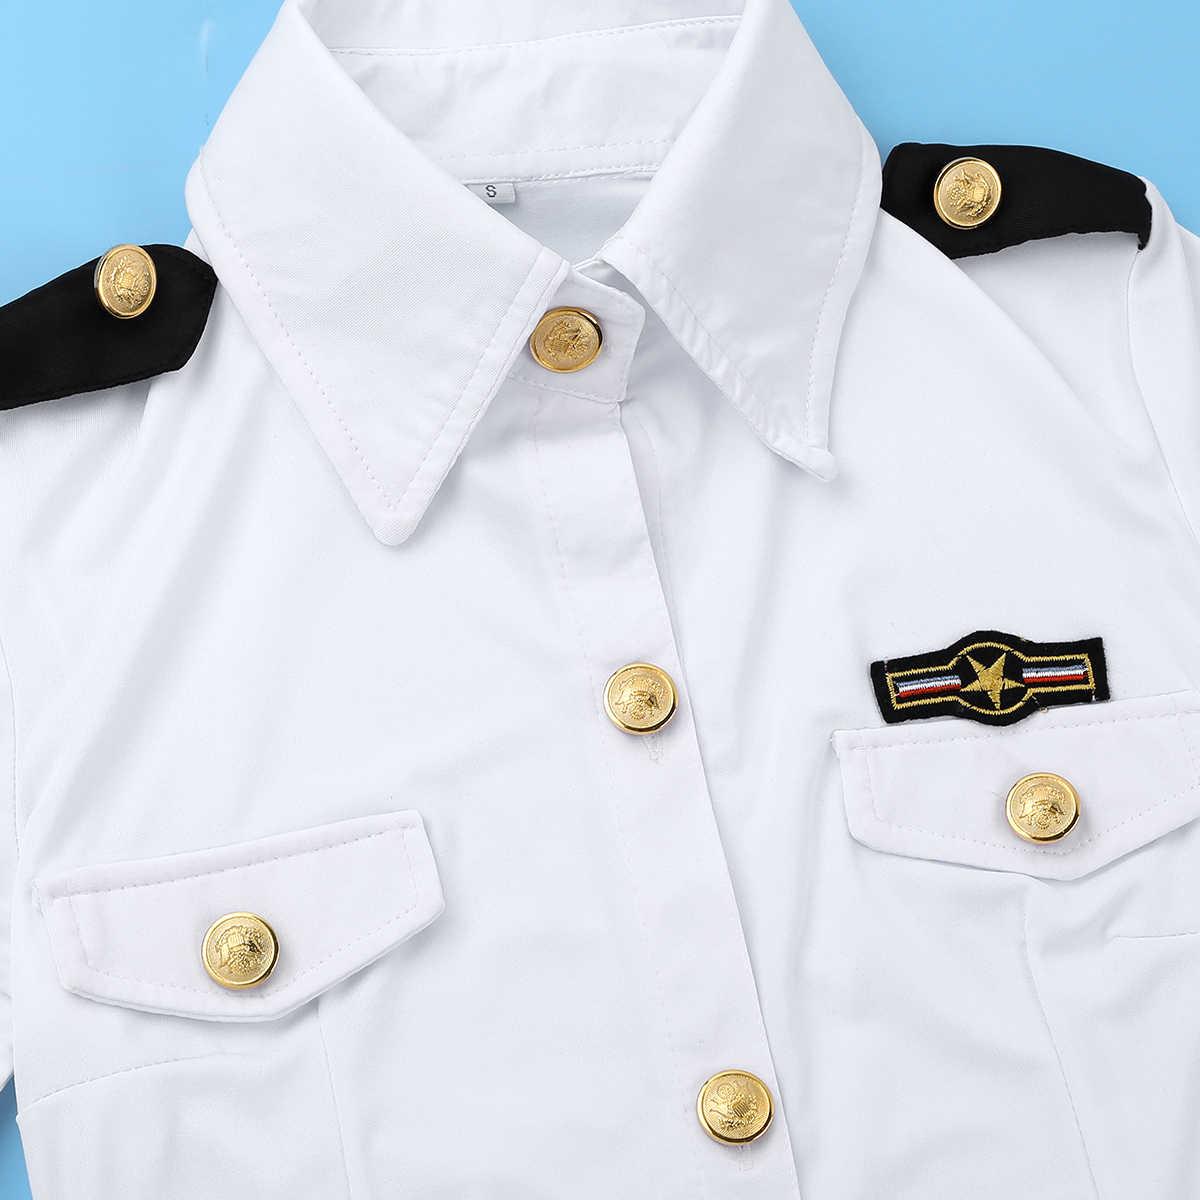 4 قطعة المرأة مثير تأثيري زي الشرطة ضابط قميص موحدة + البسيطة Bodycon تنورة مجموعة الكبار المثيرة شرطي شرطية لعب الأدوار الزي